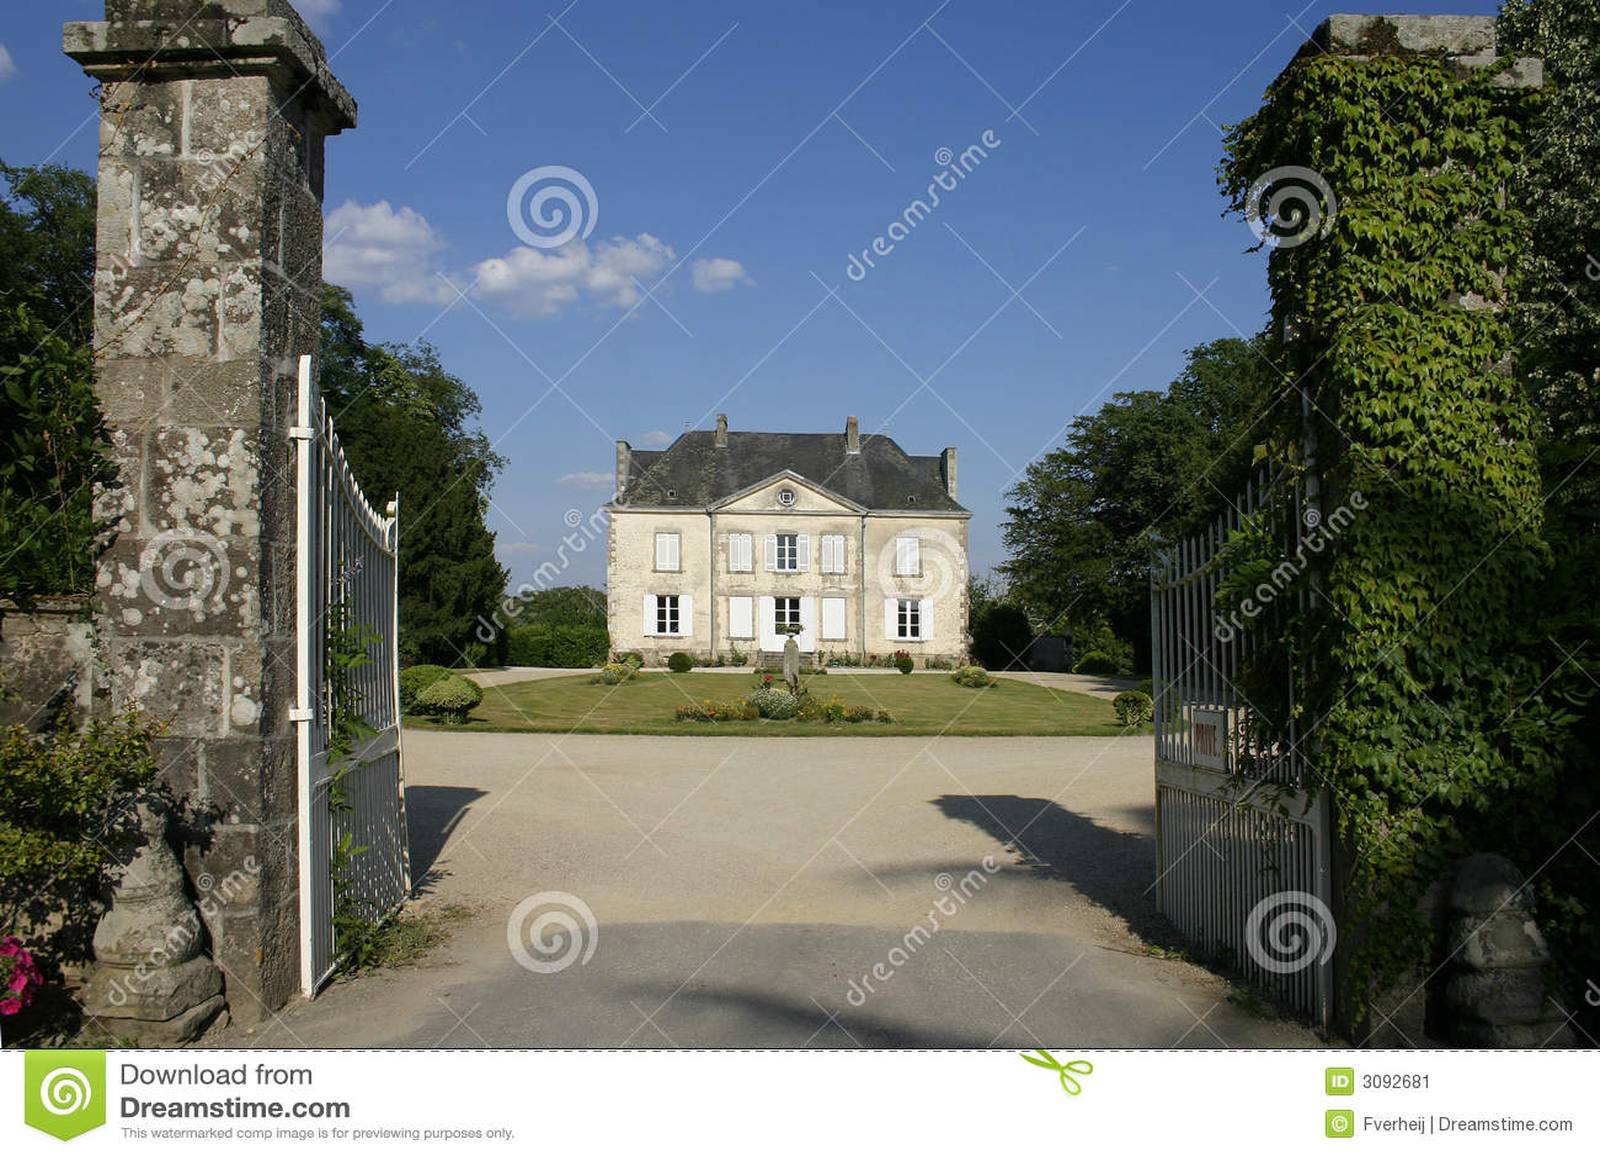 Casa di campagna francese immagine stock immagine 3092681 for Piani rustici di casa di campagna francese